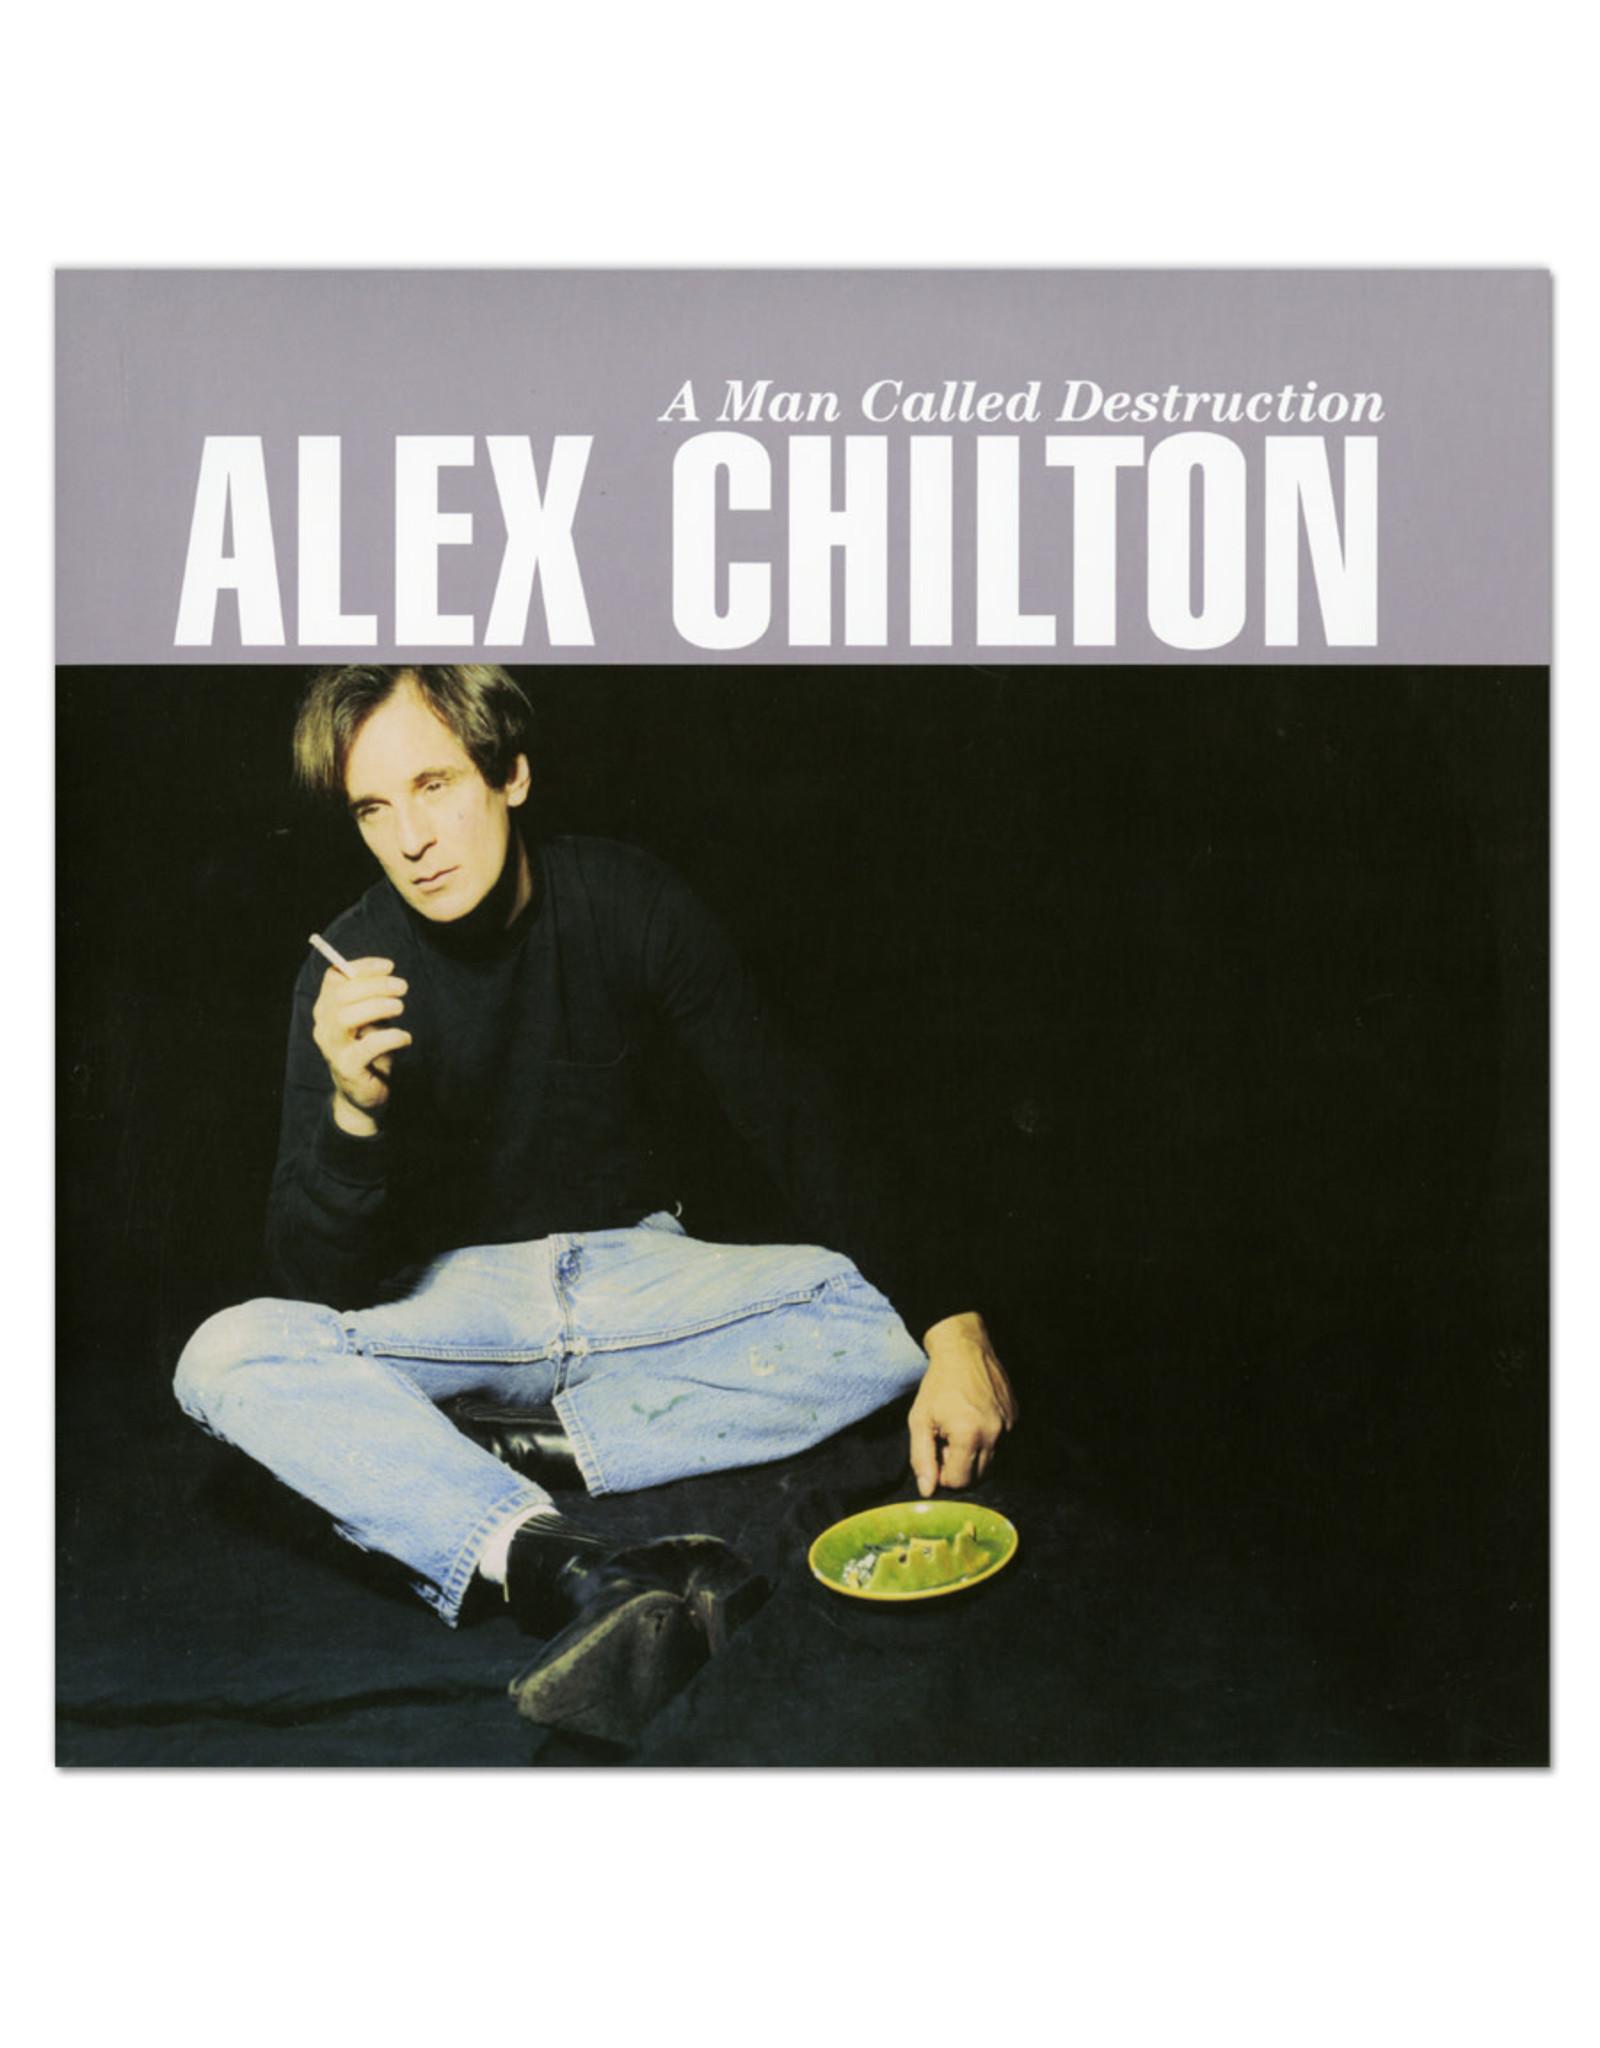 Chilton, Alex - A Man Called Destruction (2LP)